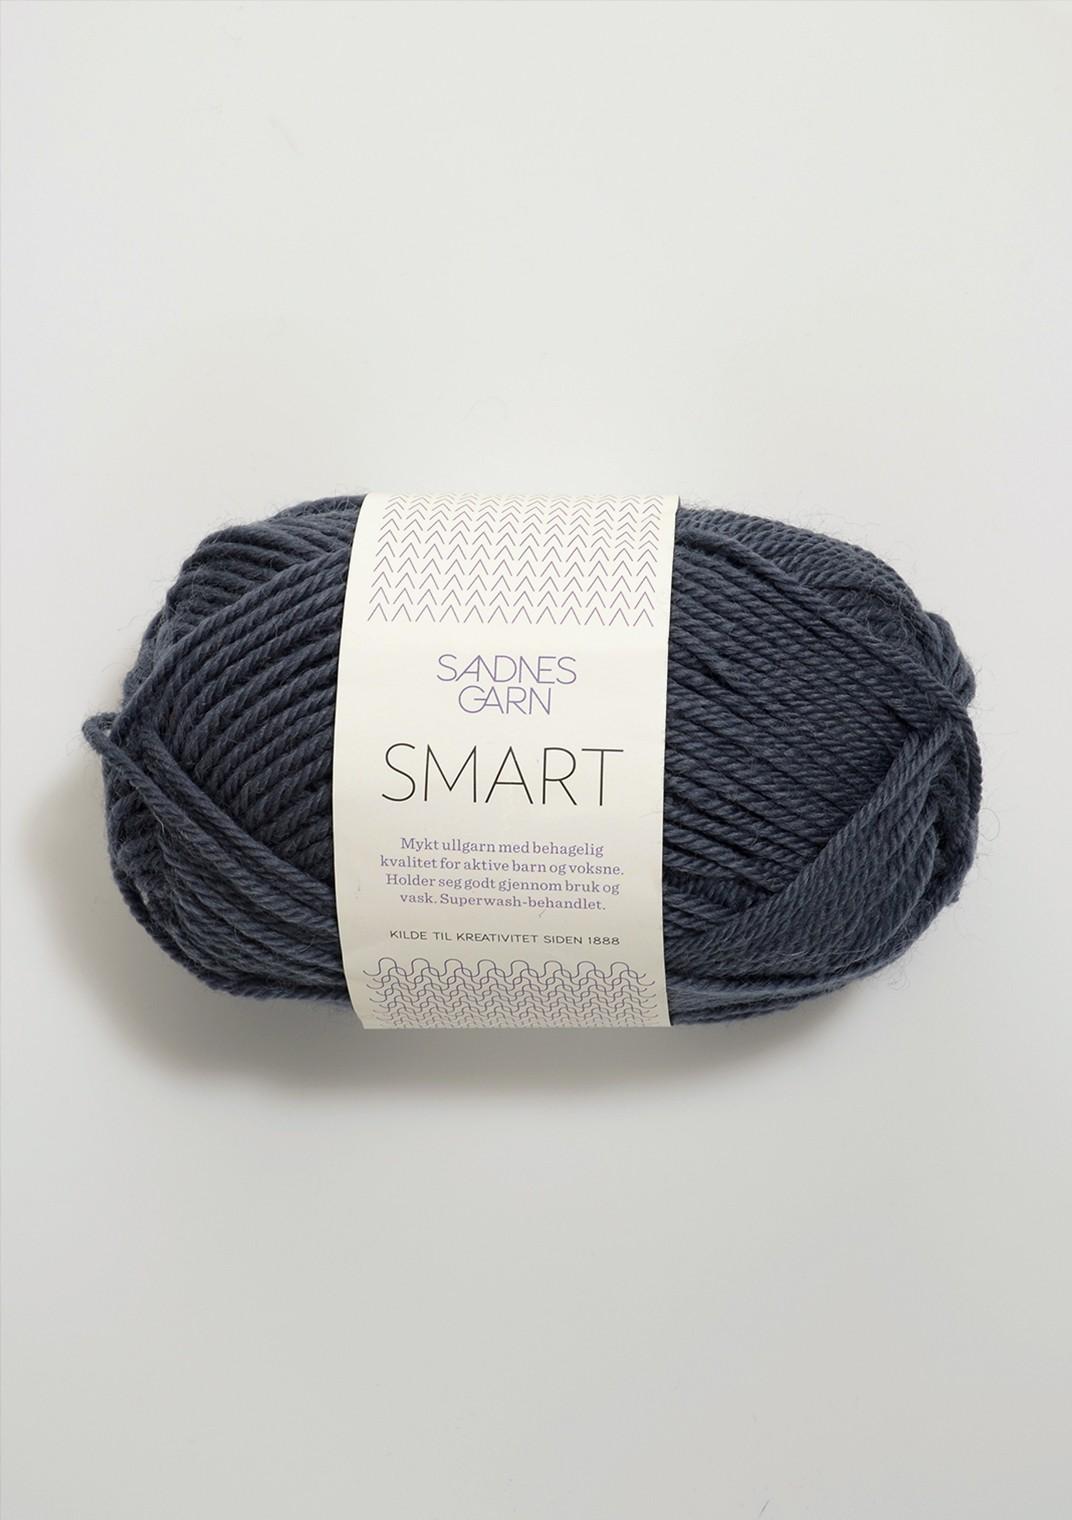 Sandnes Garn Smart 6162 tumma siniharmaa Poistuva väri